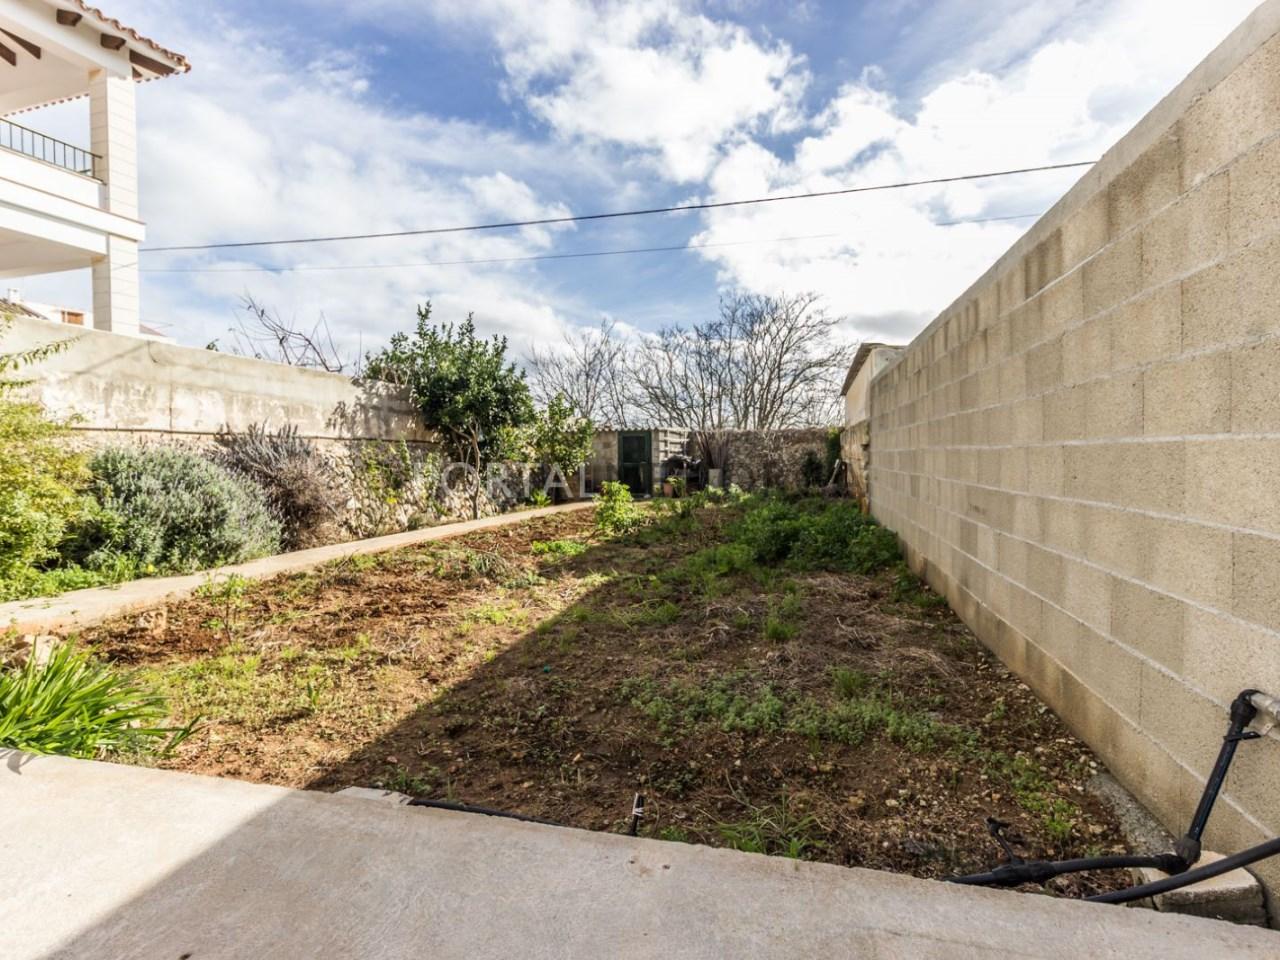 casa con patio para vender en Mahon (15 de 17)